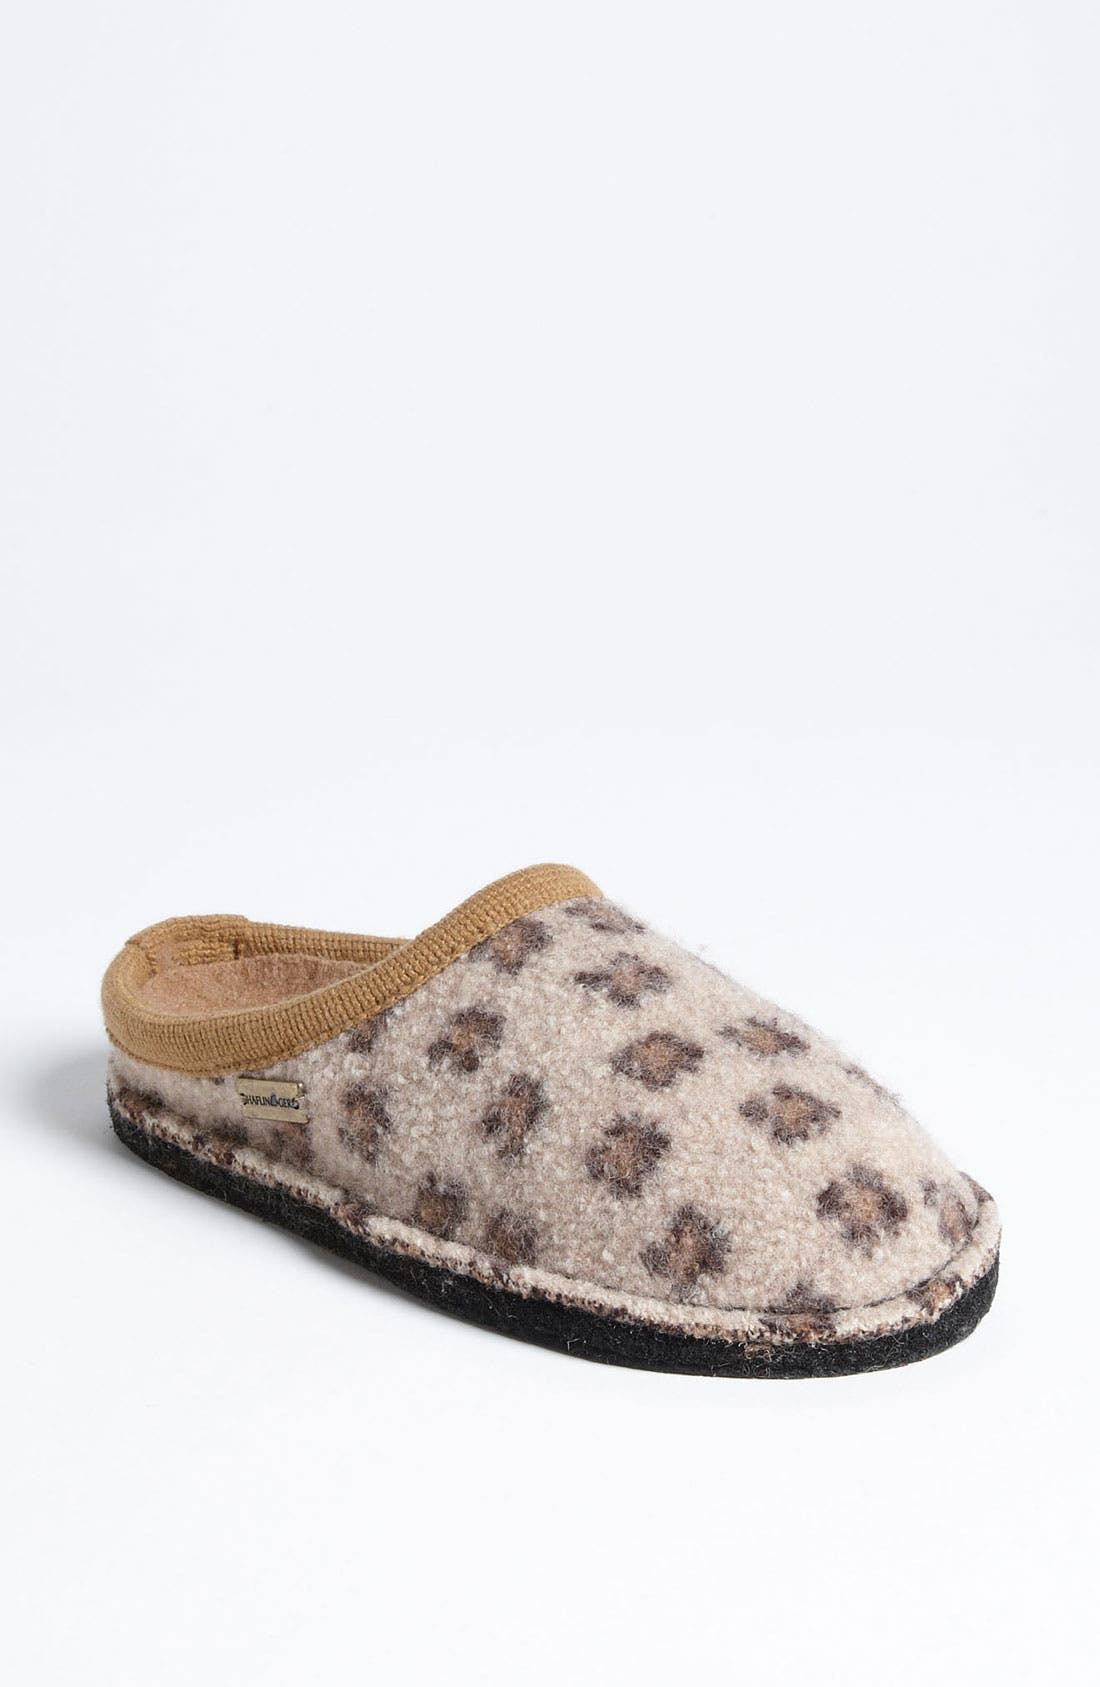 Alternate Image 1 Selected - Haflinger 'Cheetah' Slipper